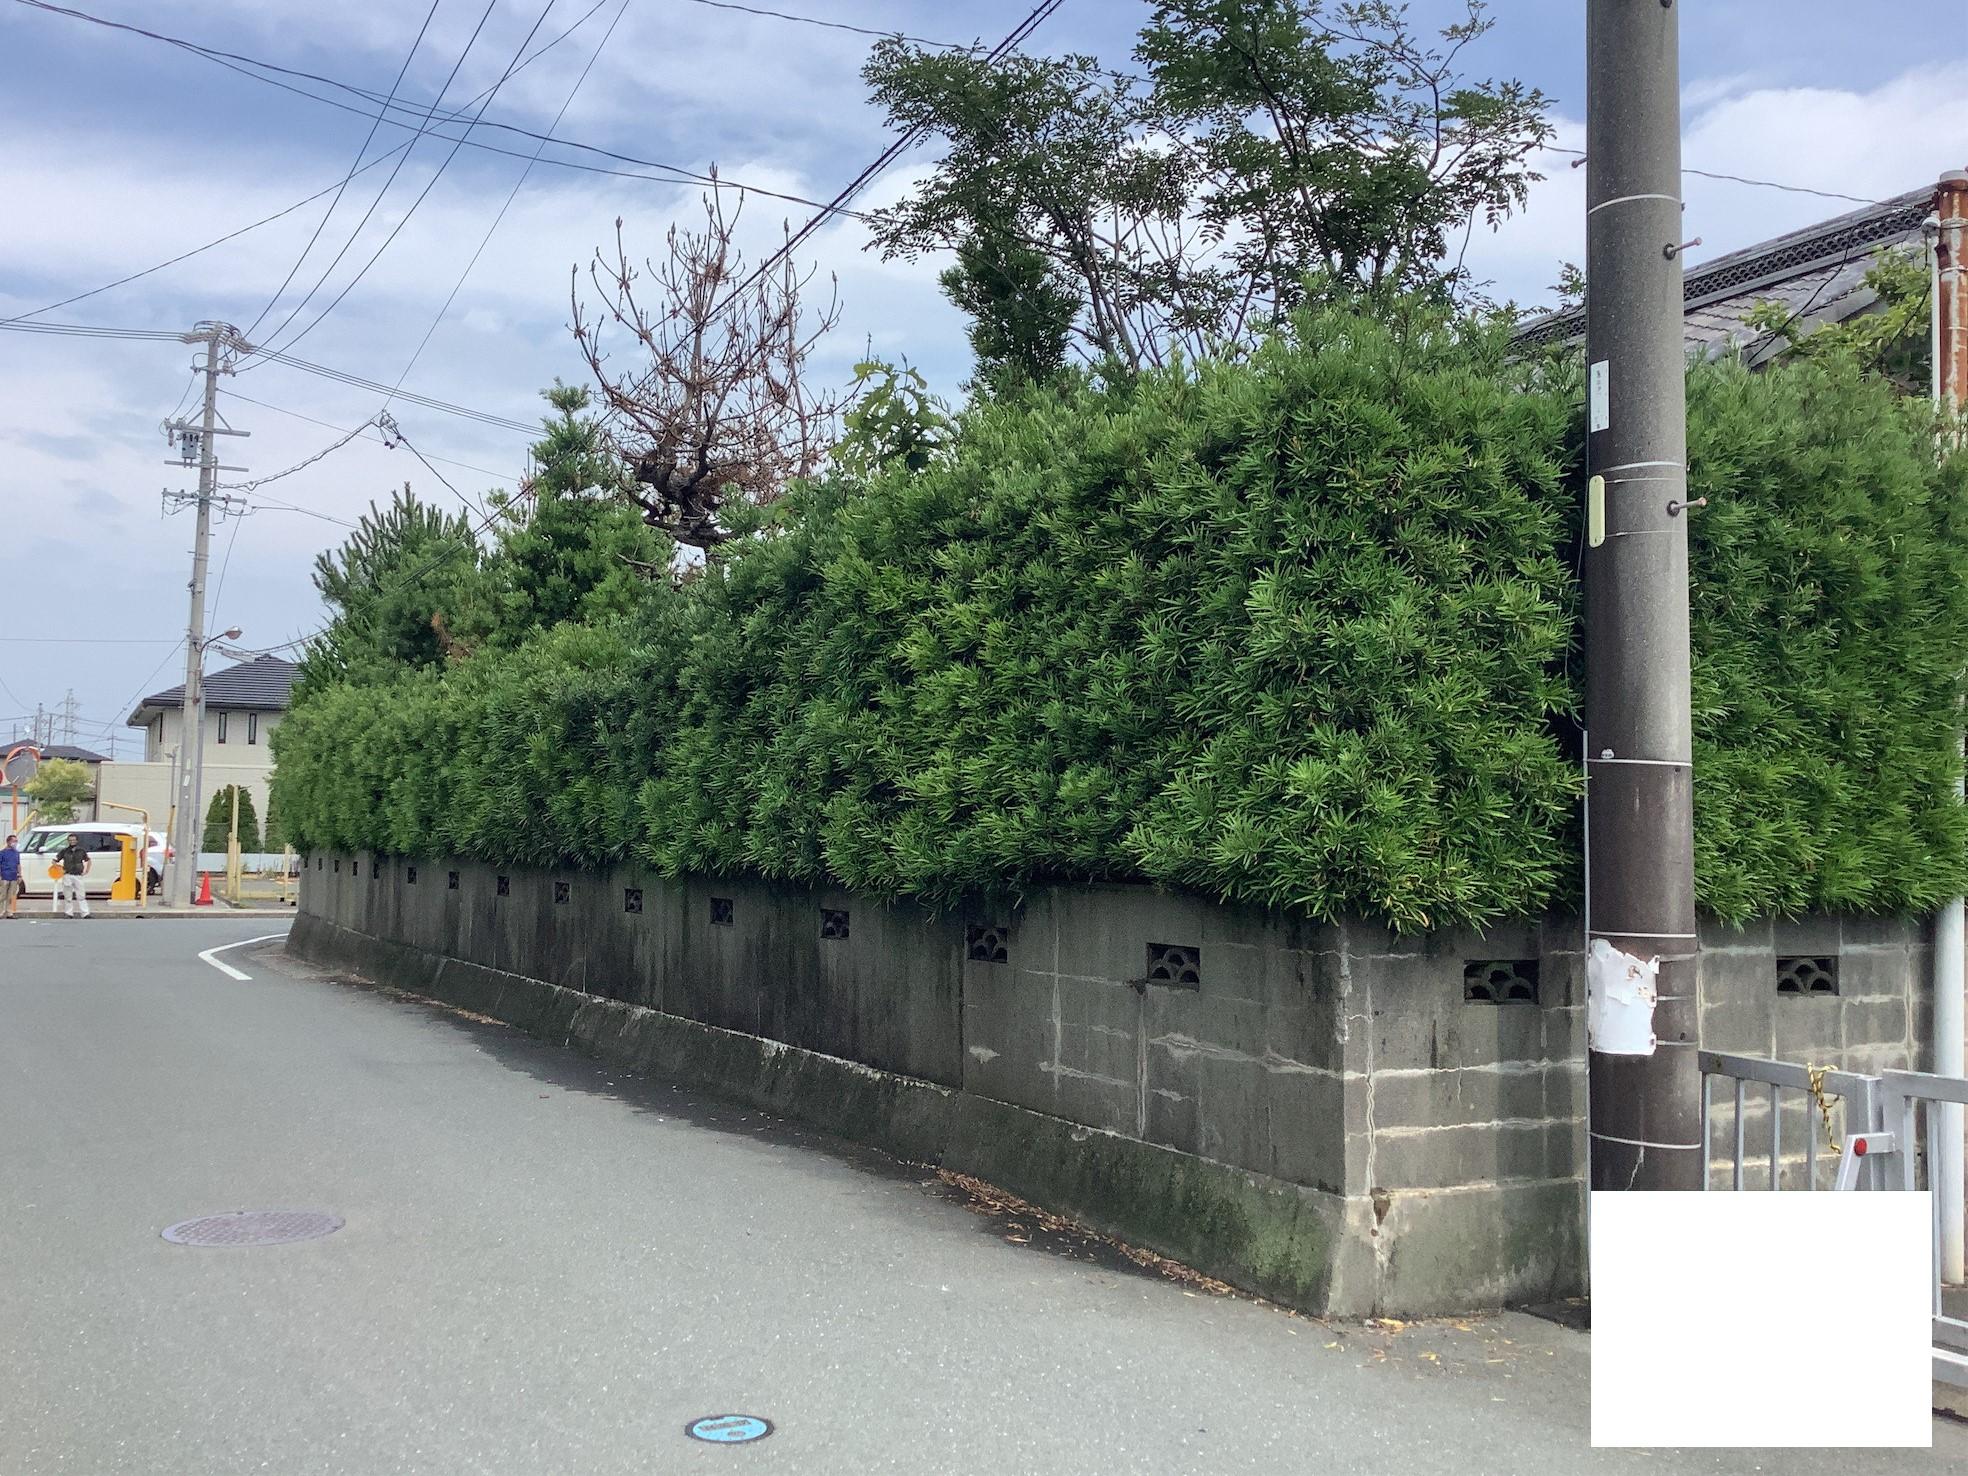 【着工前】<br/>道路沿いにホソバ(マキ)の生垣が並んでいます…ぼさぼさ…